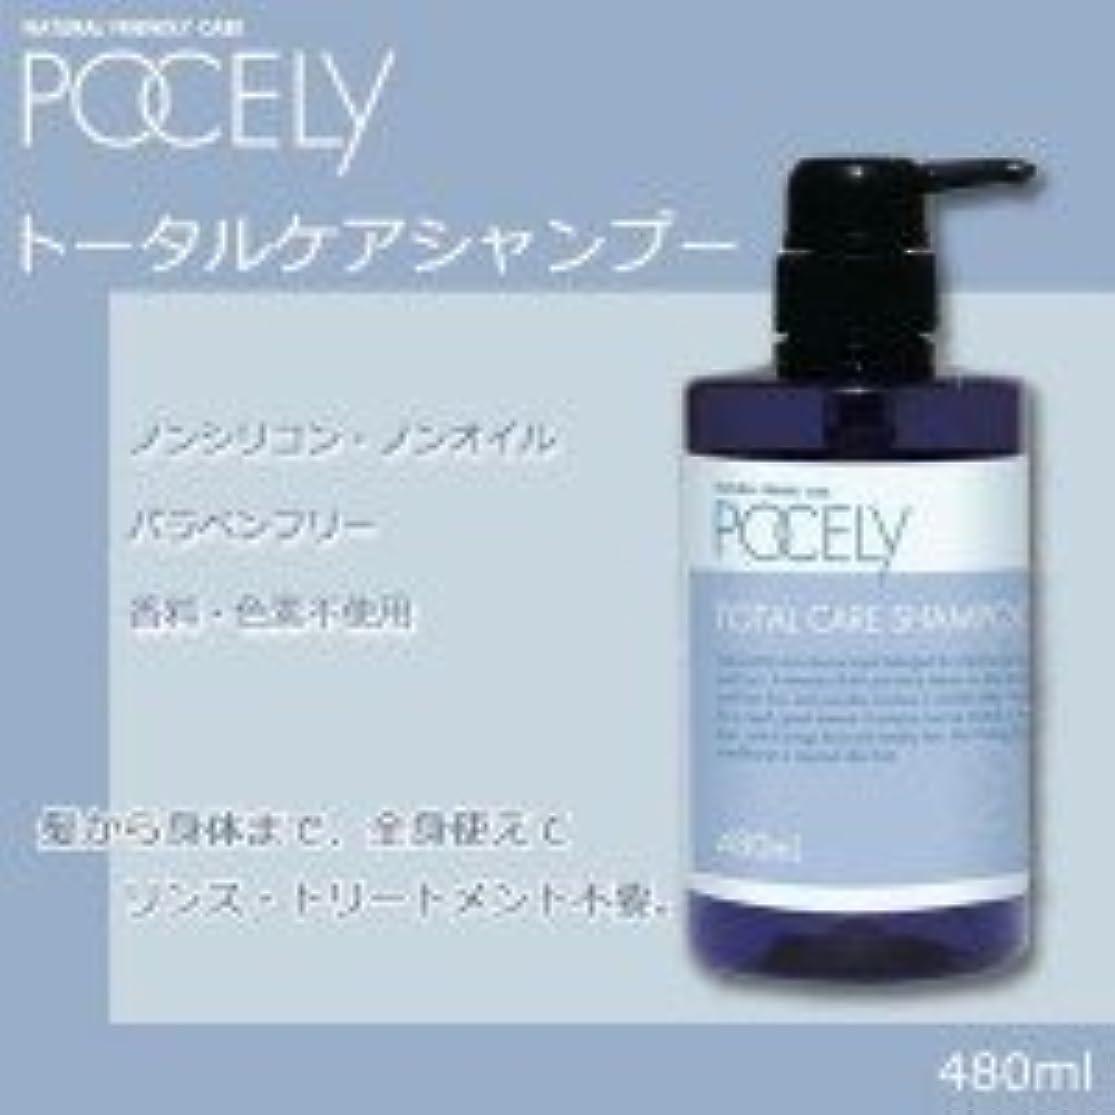 スローガンマイルド無数の皮膚医学に基づいて開発! POCELY(ポーセリー) トータルケアシャンプー480ml